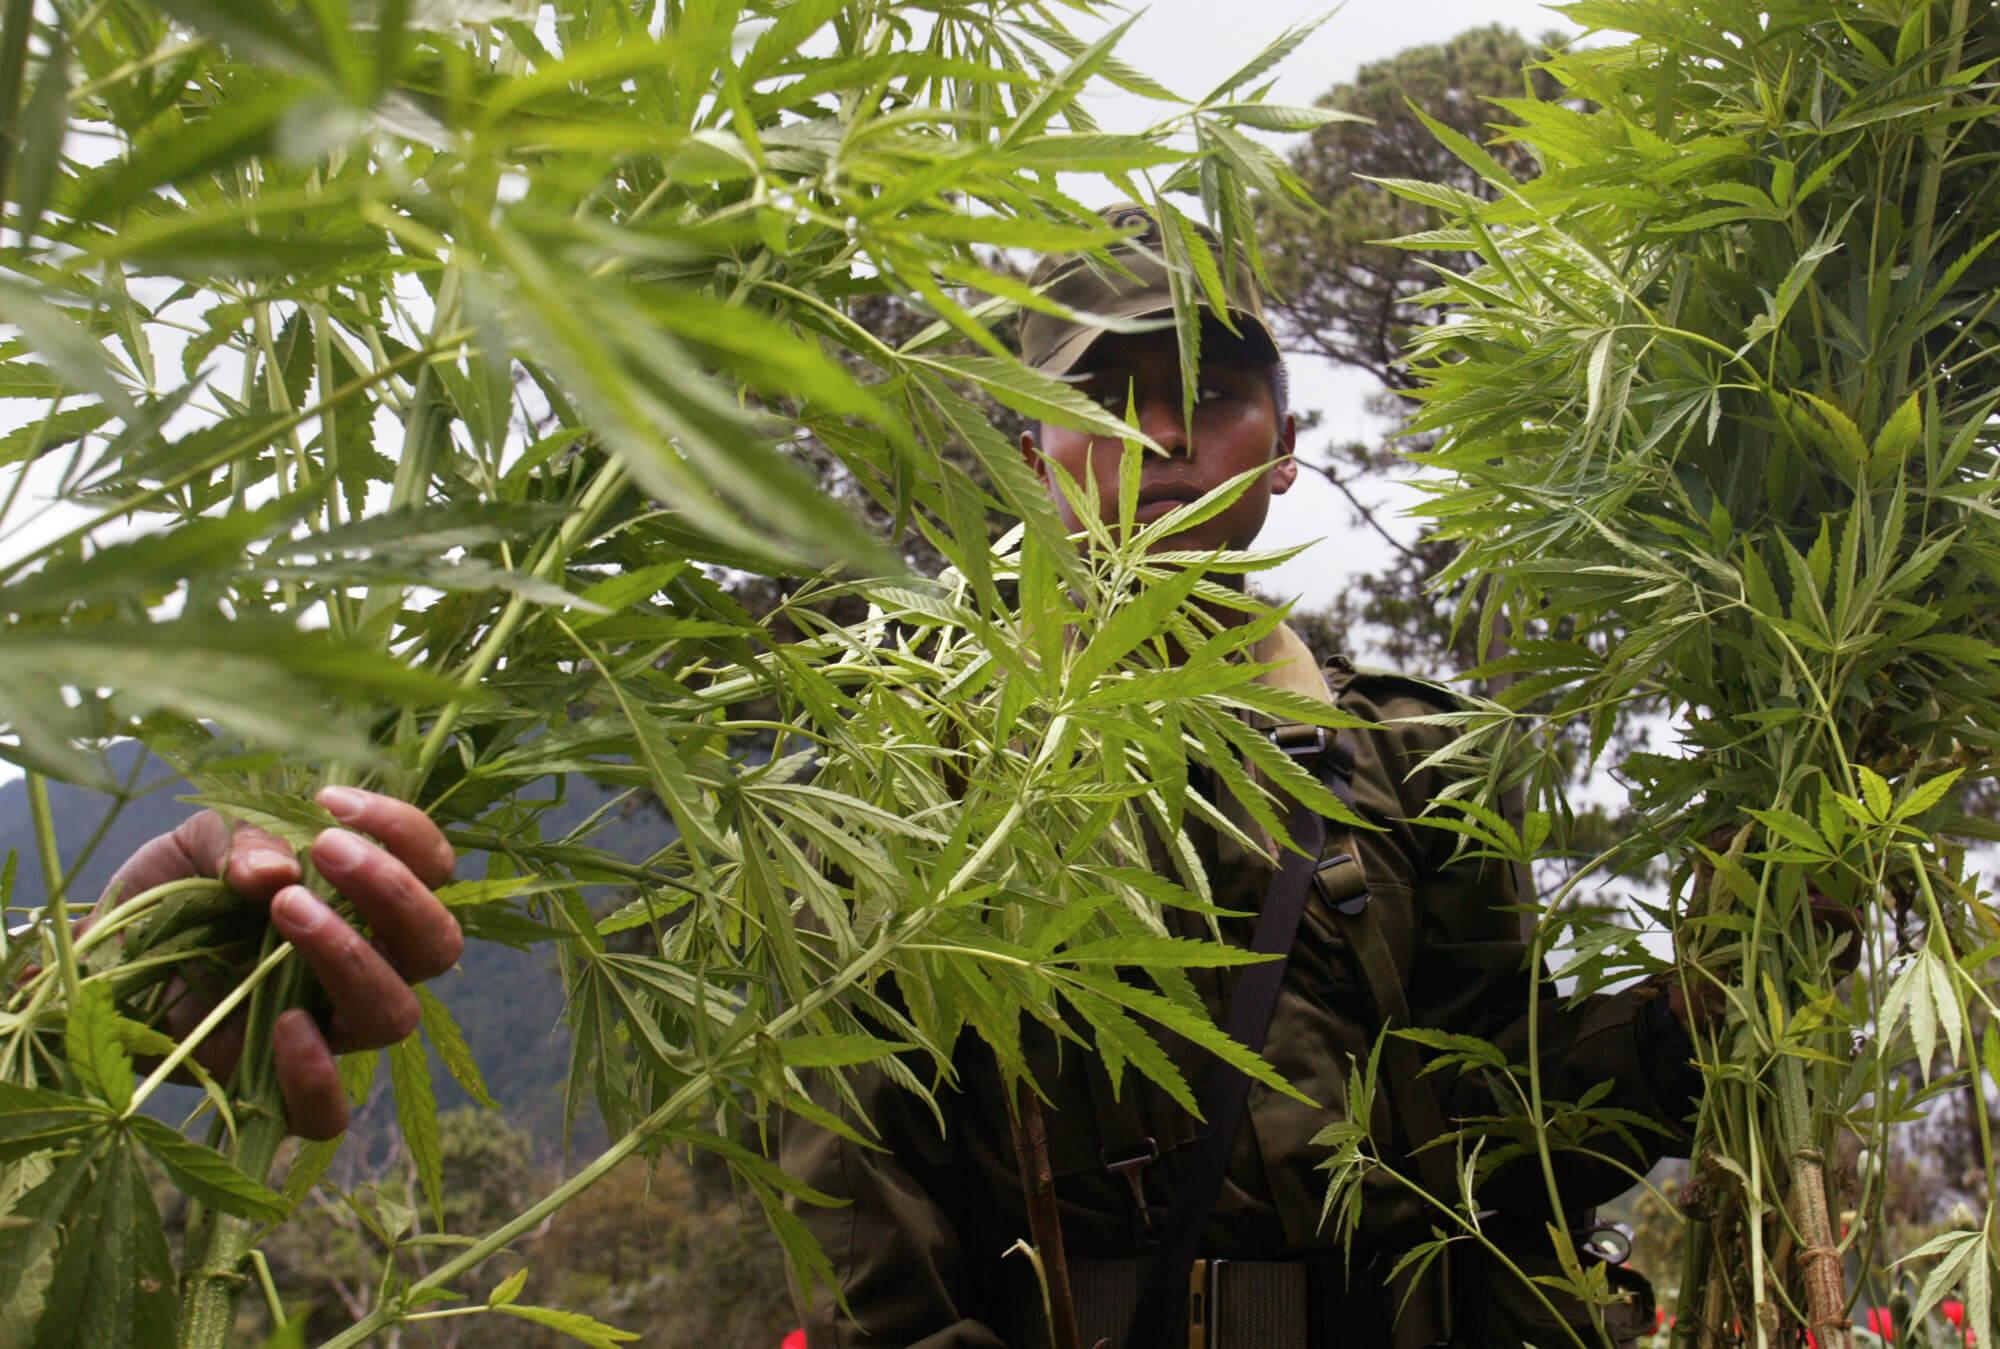 FOTO Narcos convierten a niños en esclavos, en plantíos de droga (AP 27 ago 2002)